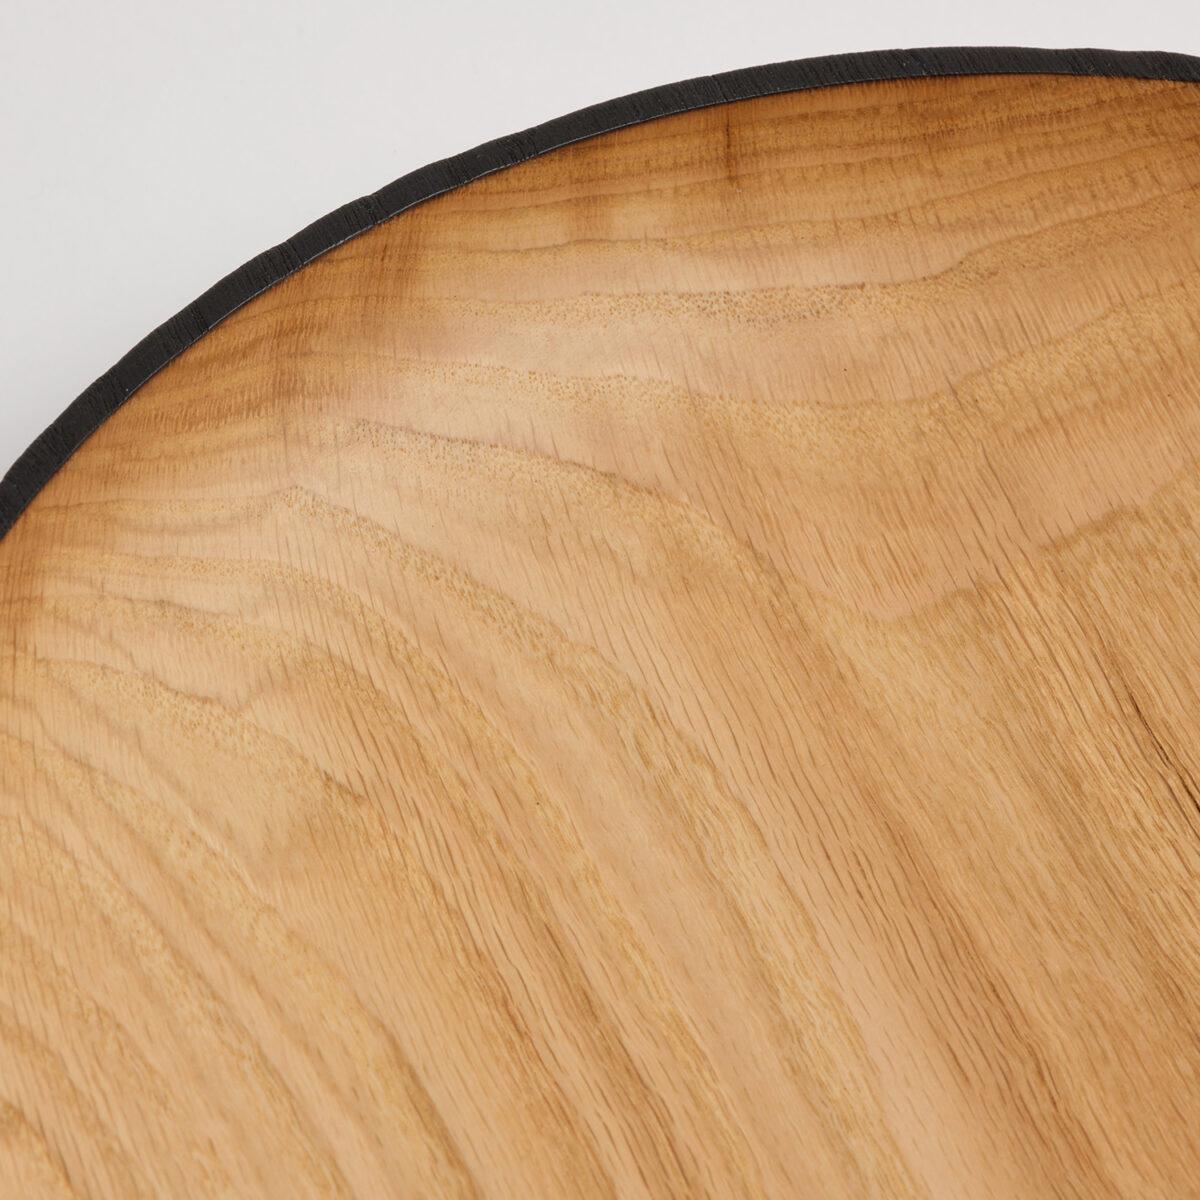 Køben Platter, Oak 003